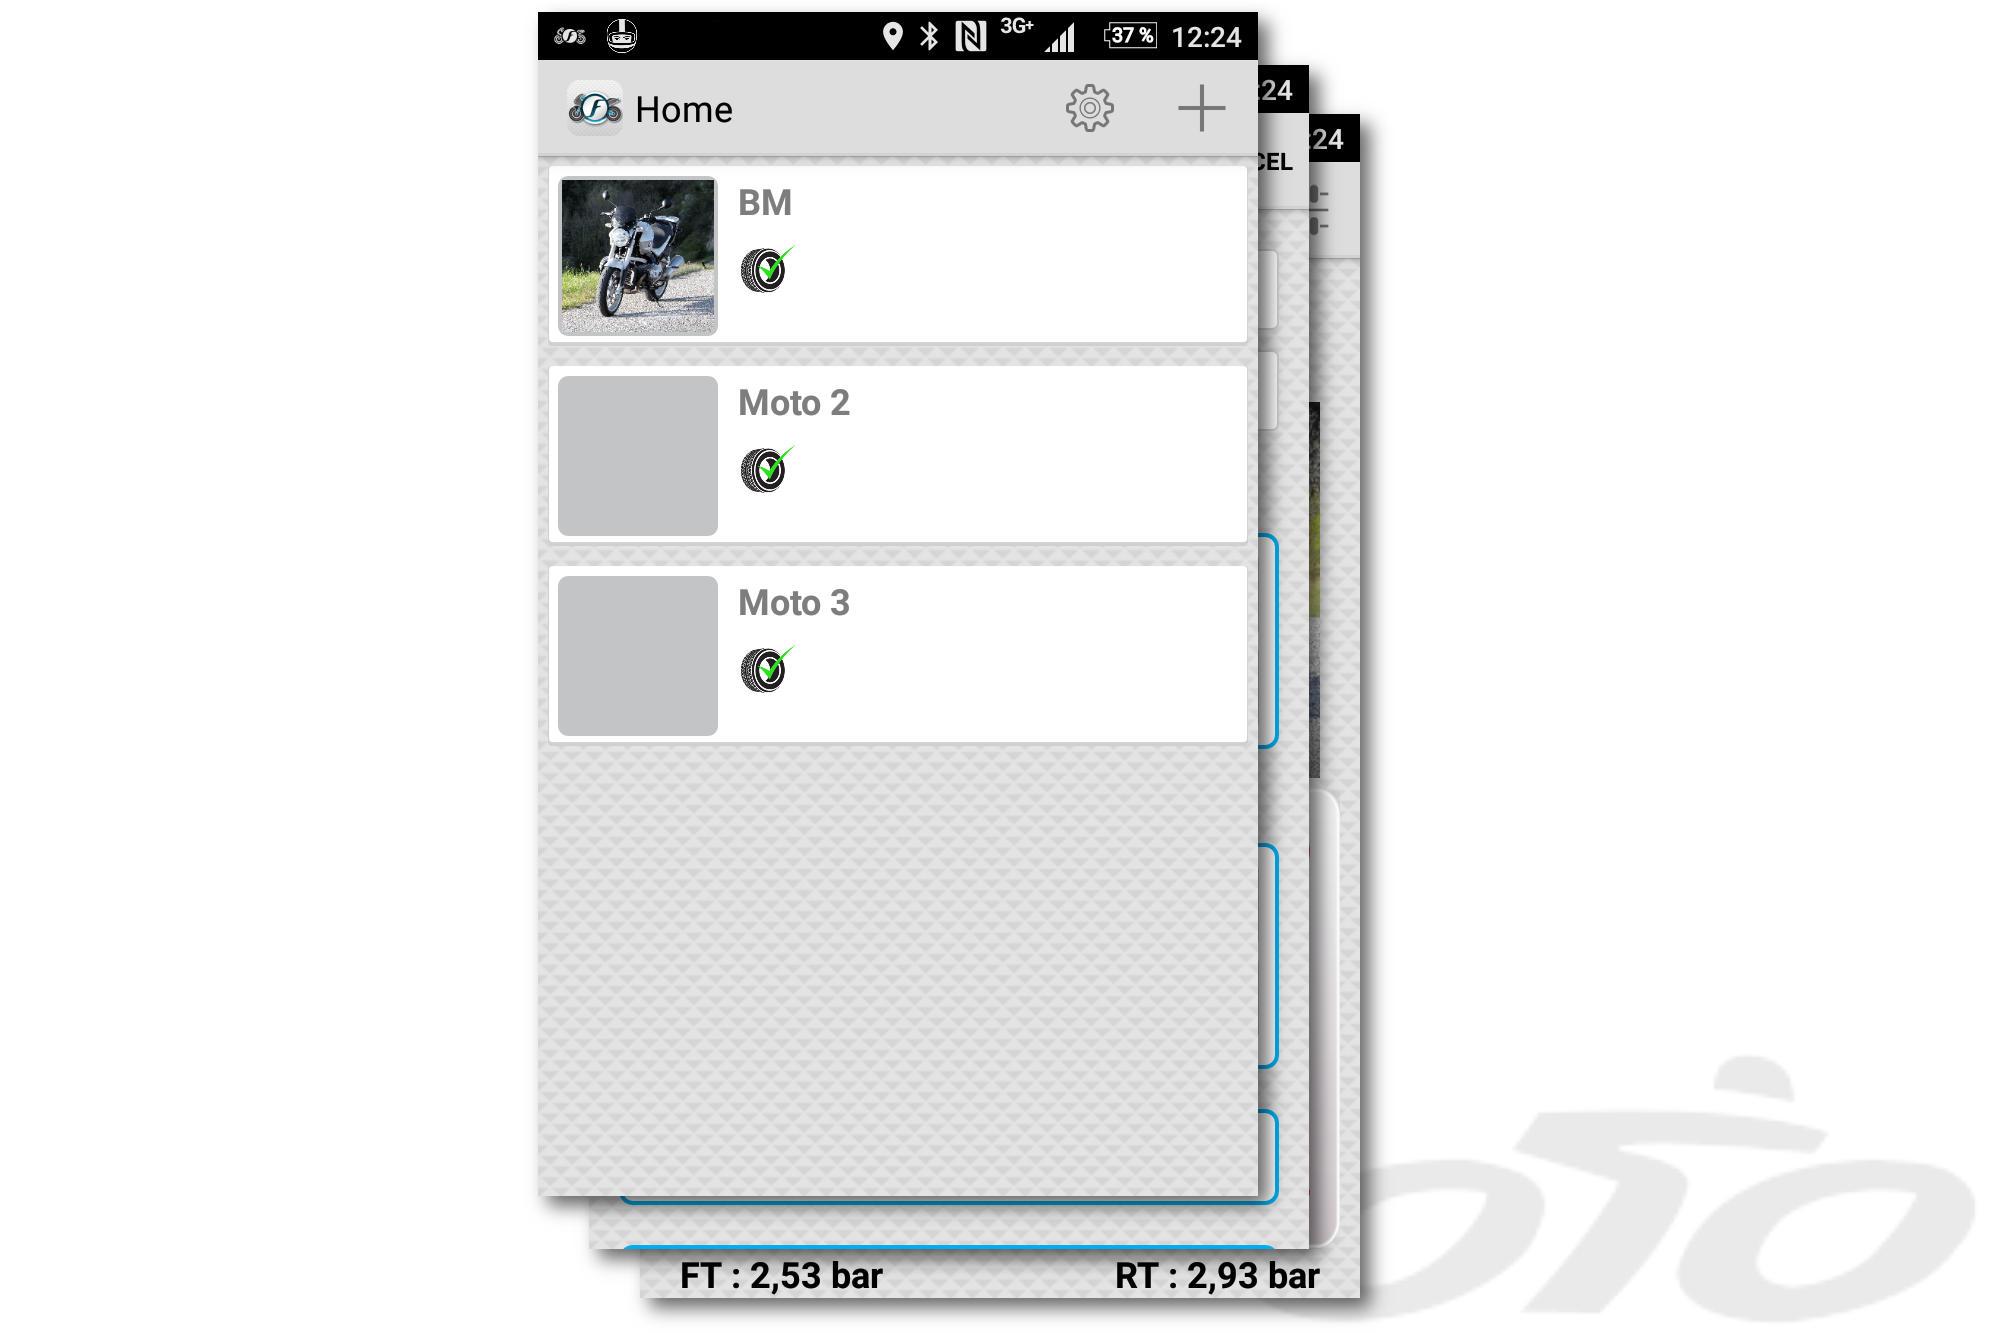 El menú que permite acceder a los diferentes perfiles de moto configurados en vuestra aplicación